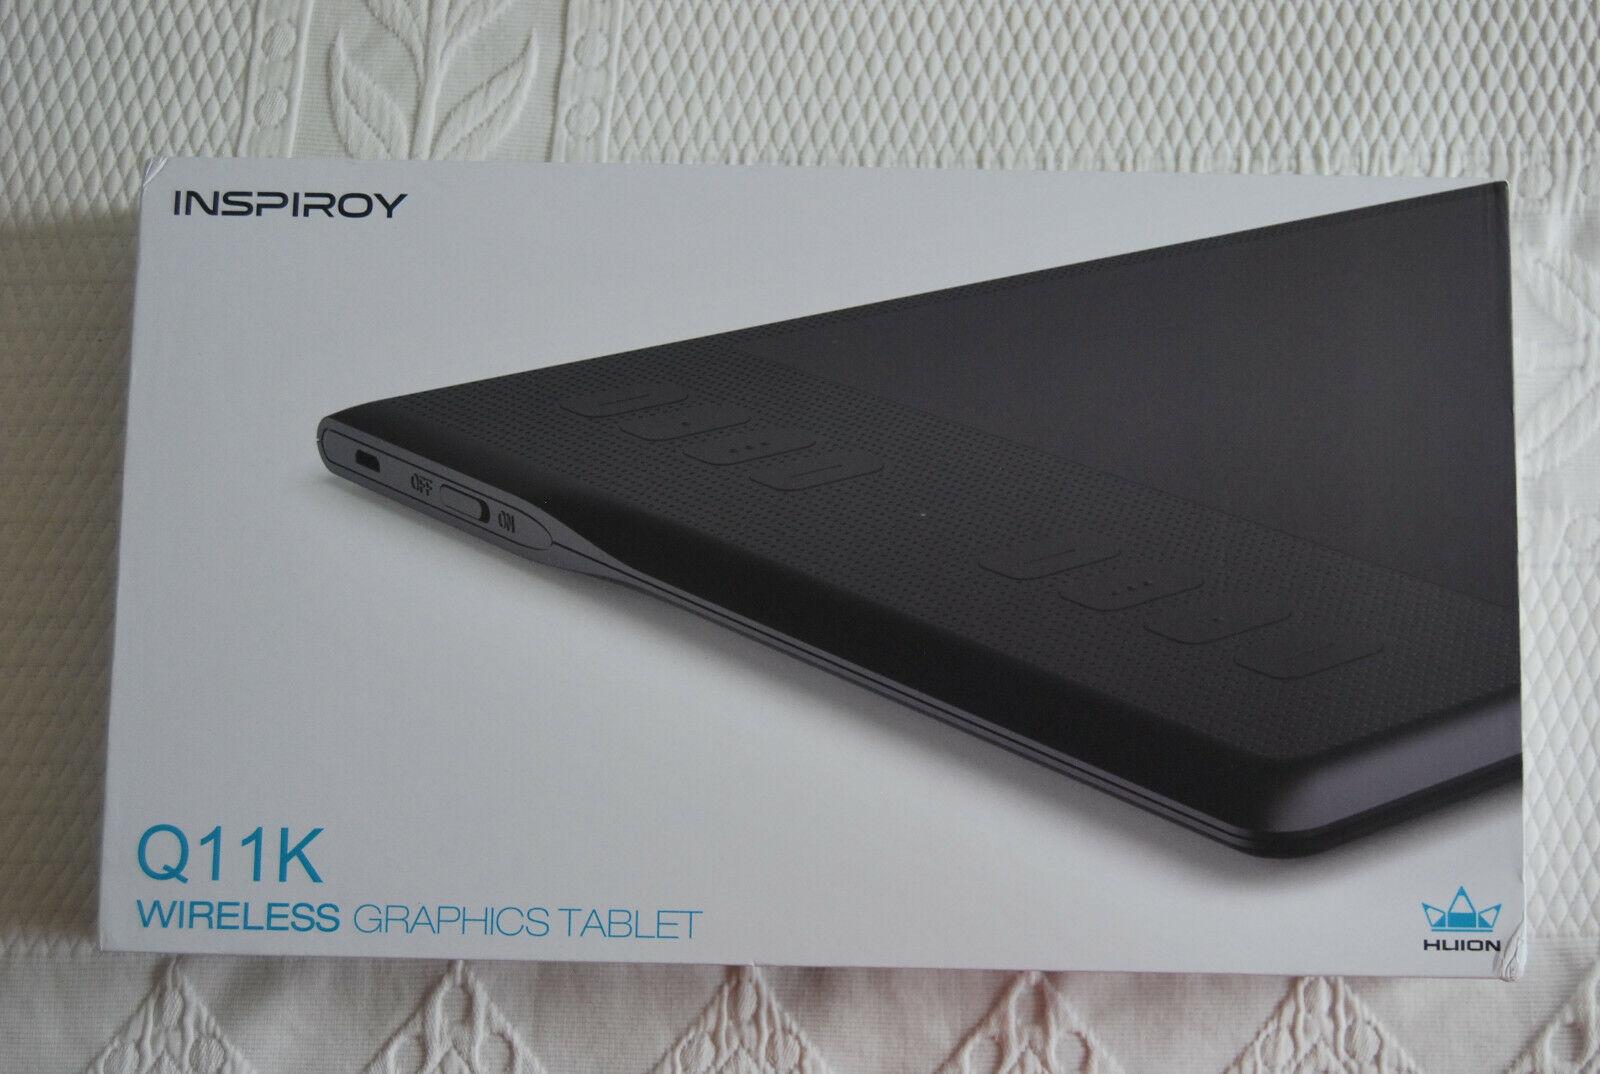 Tablette graphique huion avec stylet inspiroy q11k sans fil  neuf